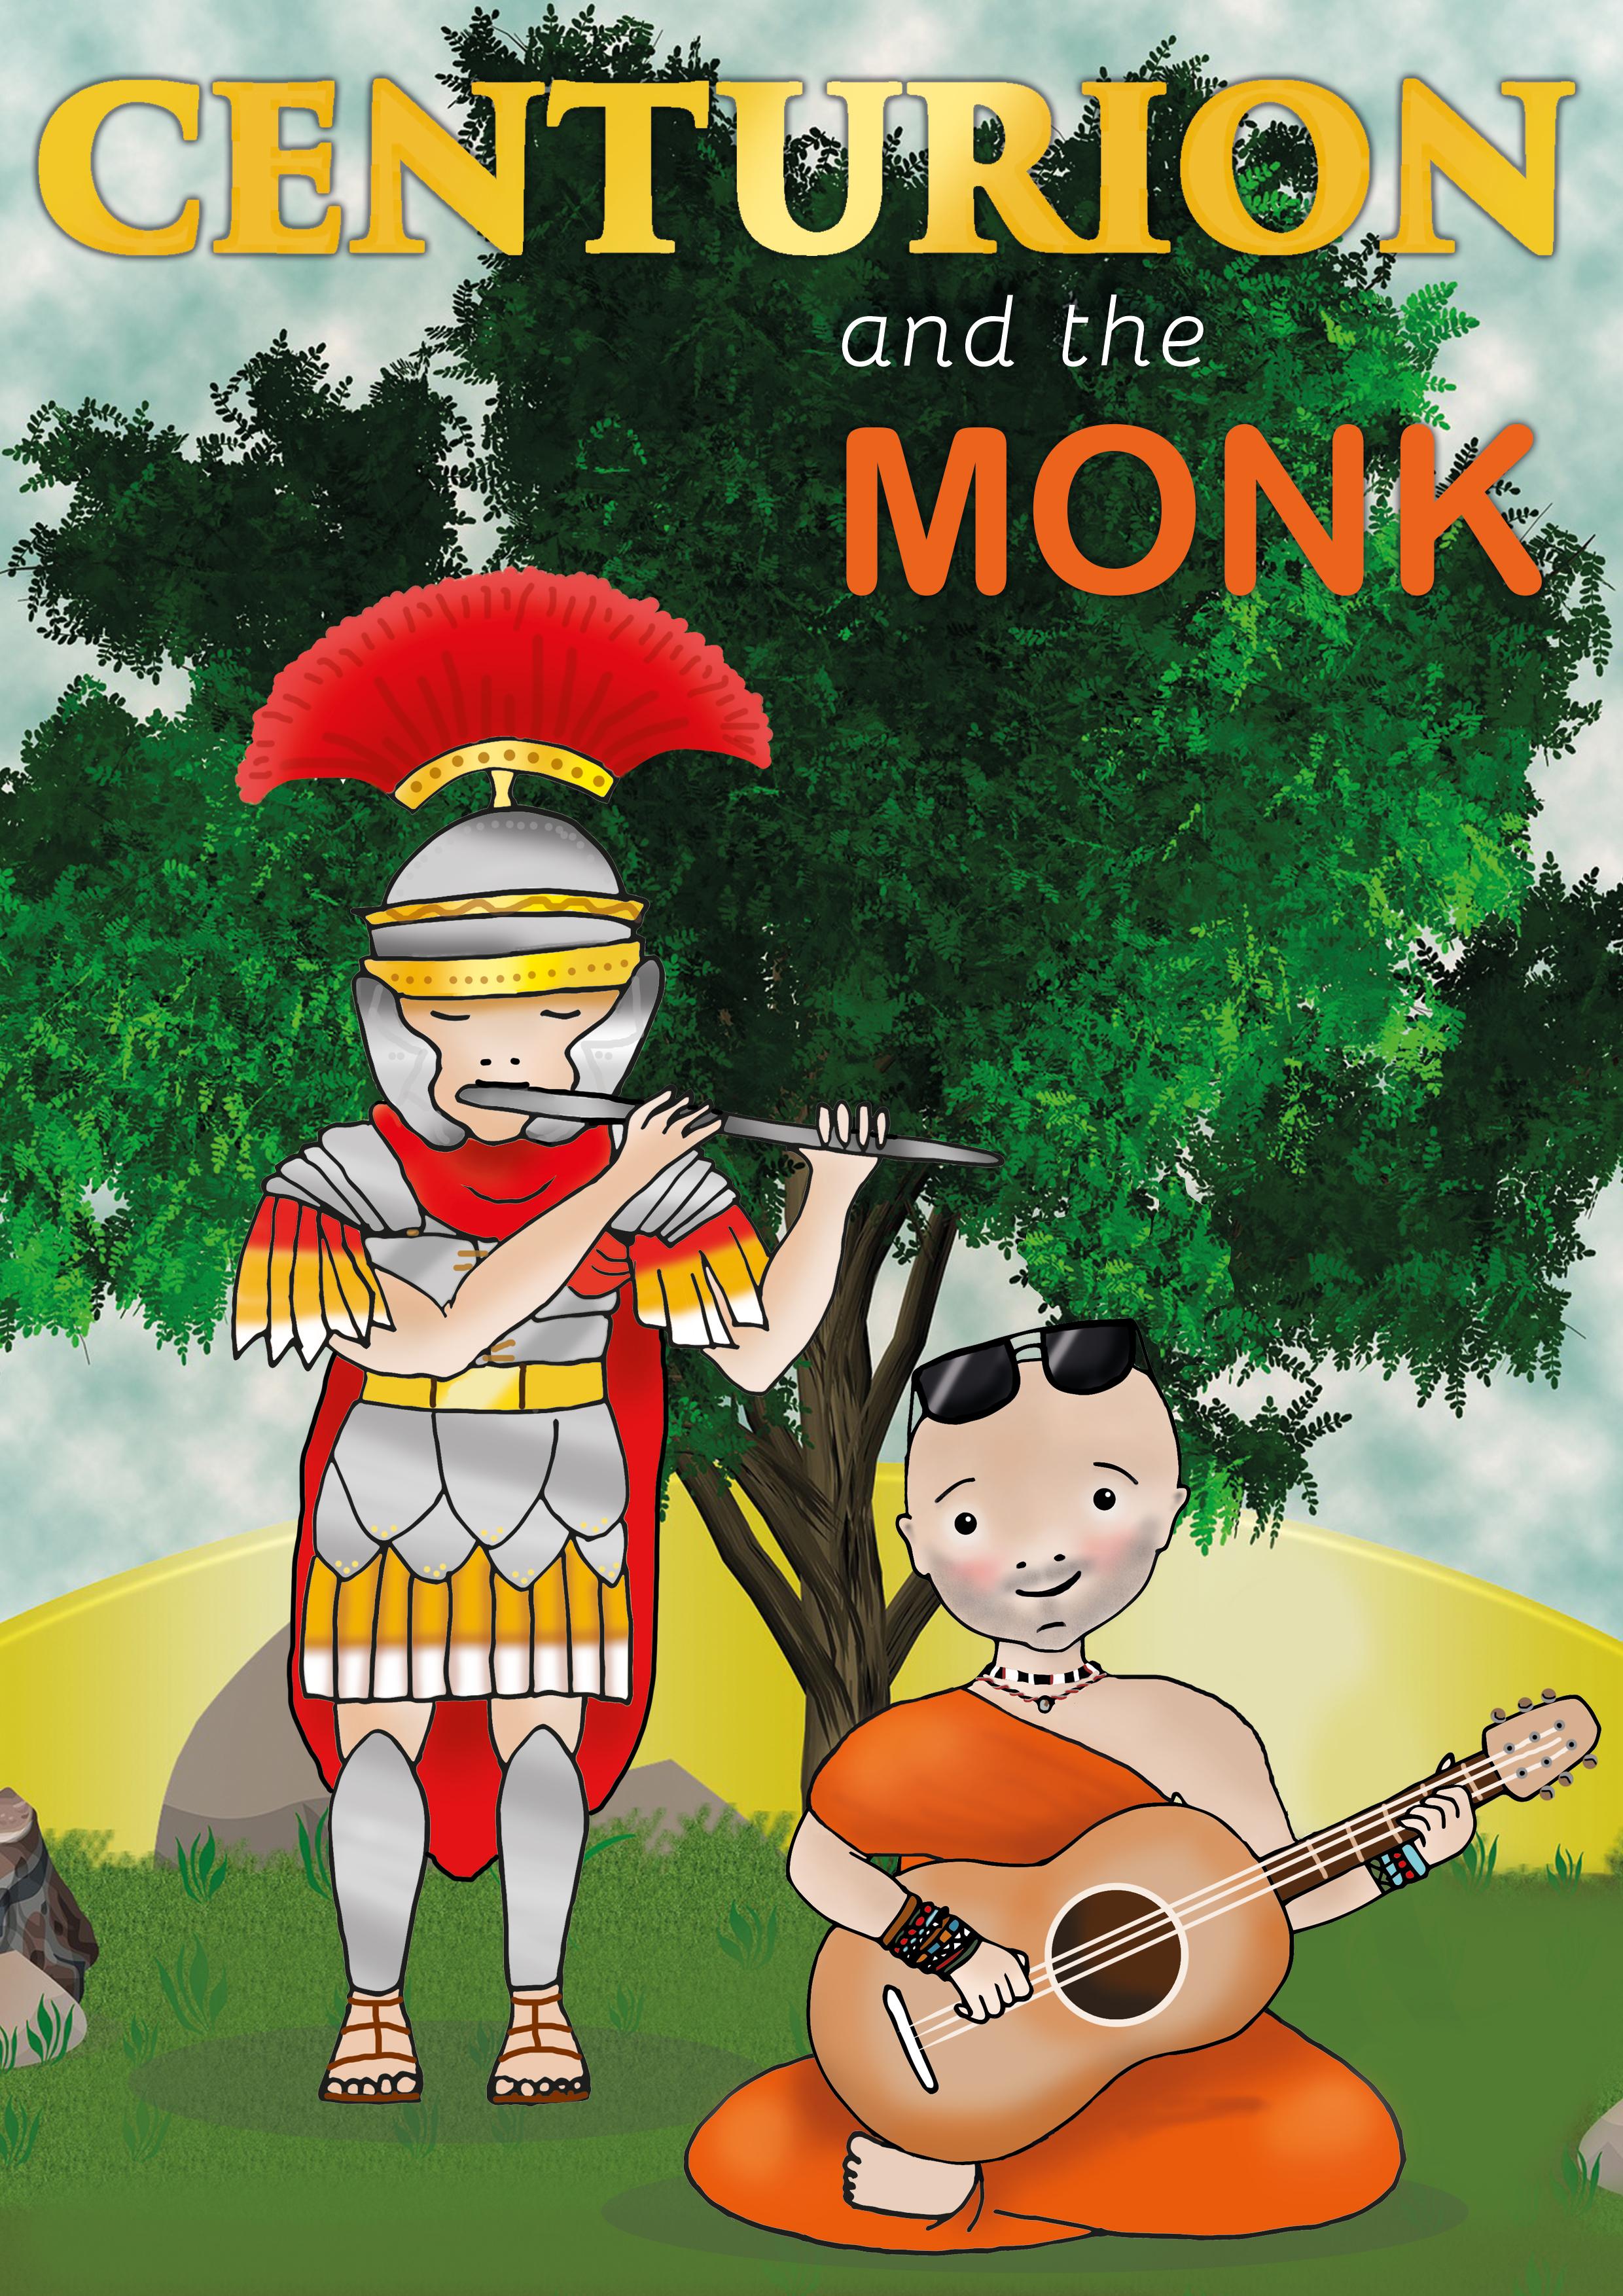 Centurionand the Monk -